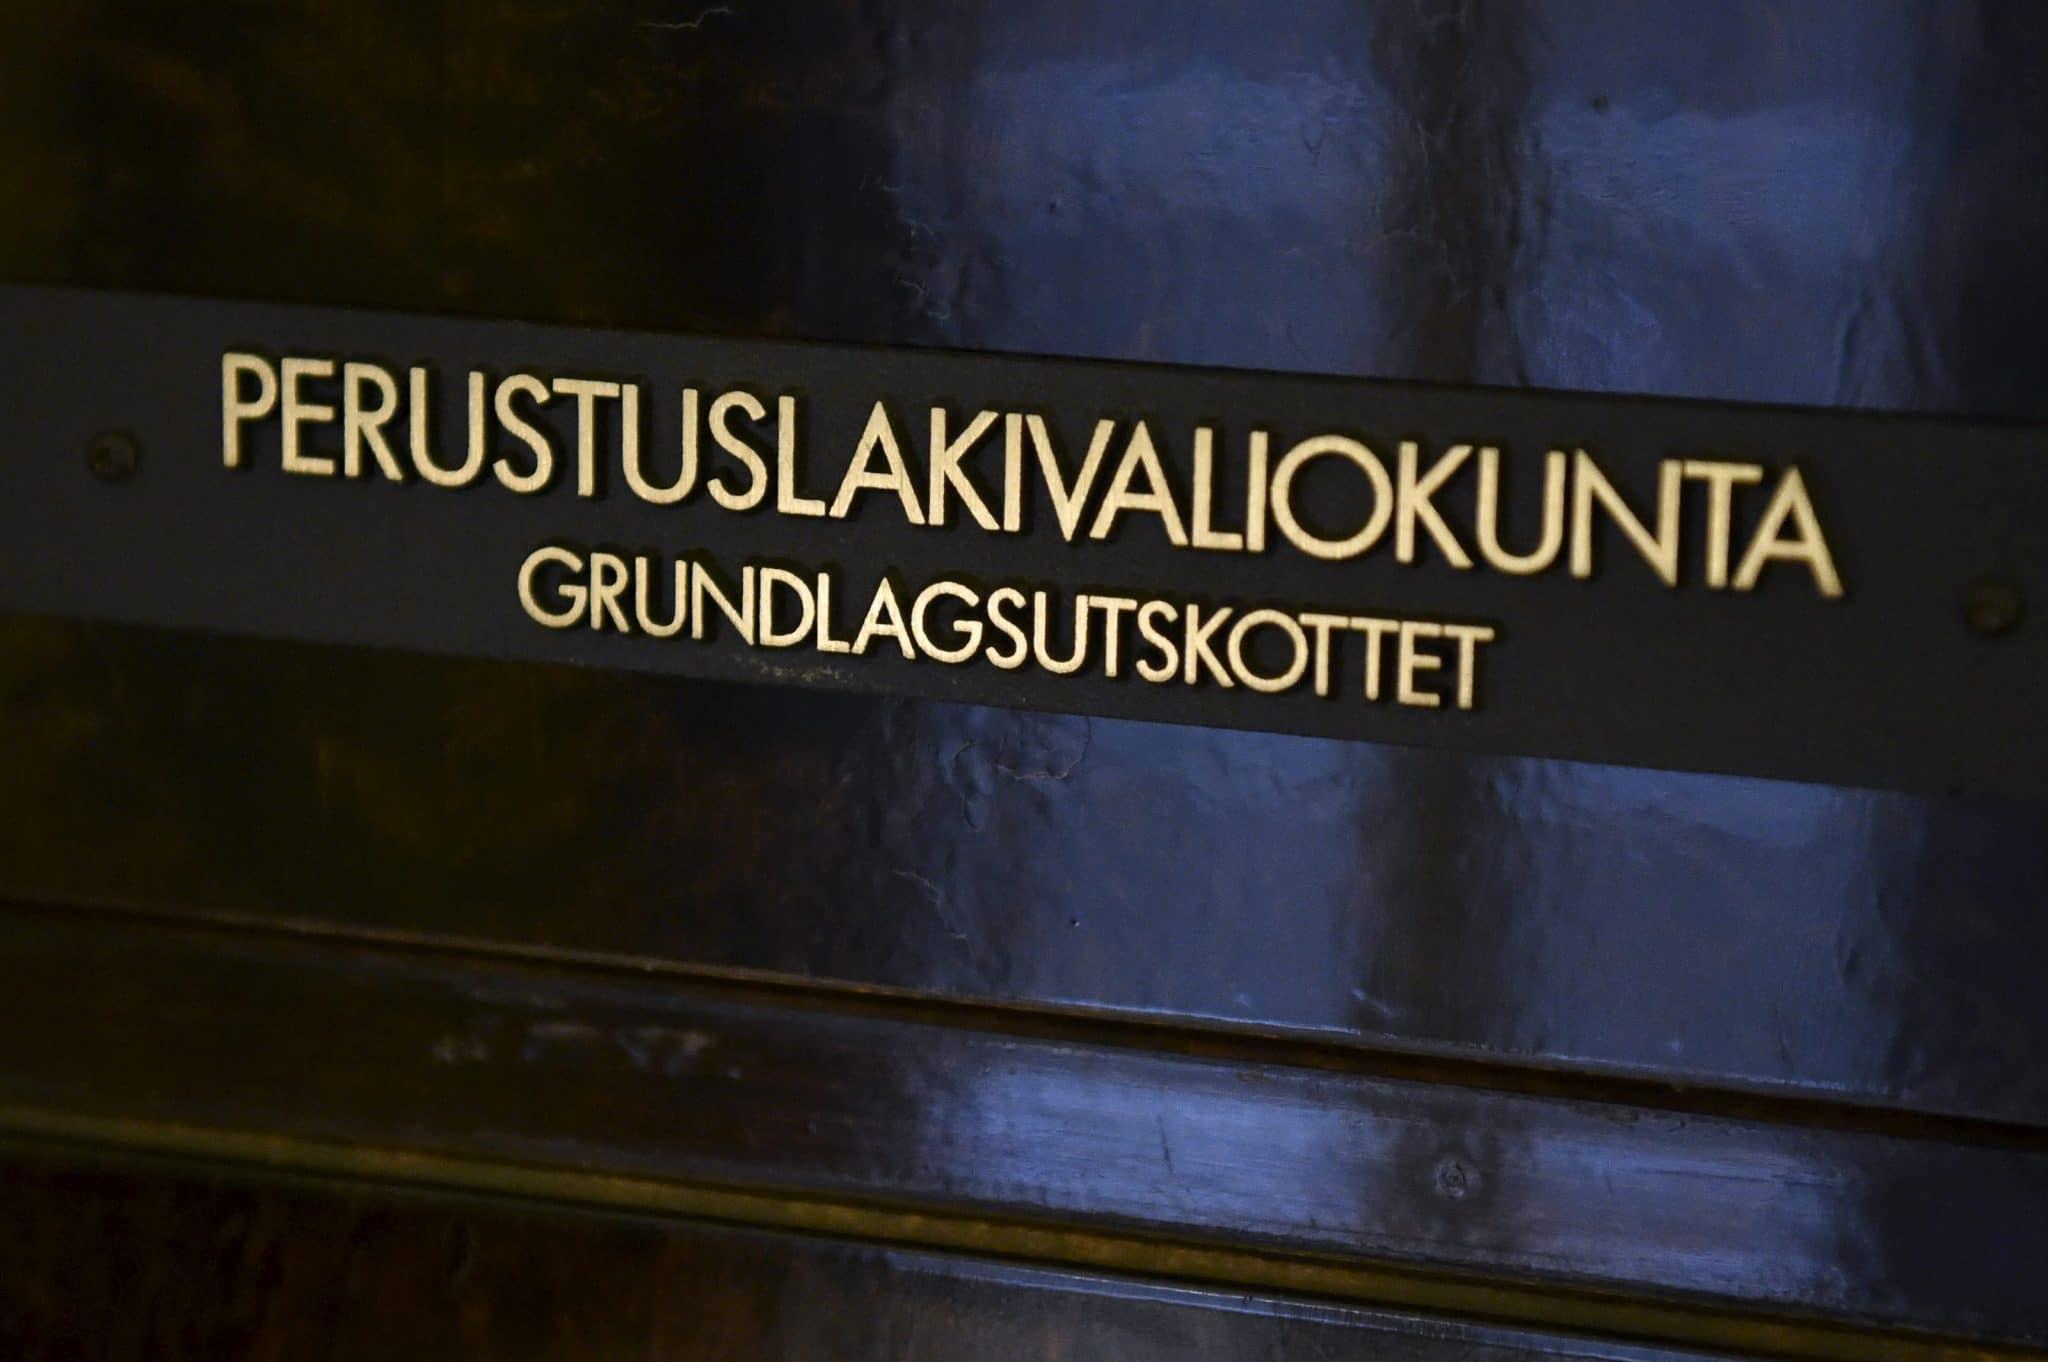 www.verkkouutiset.fi